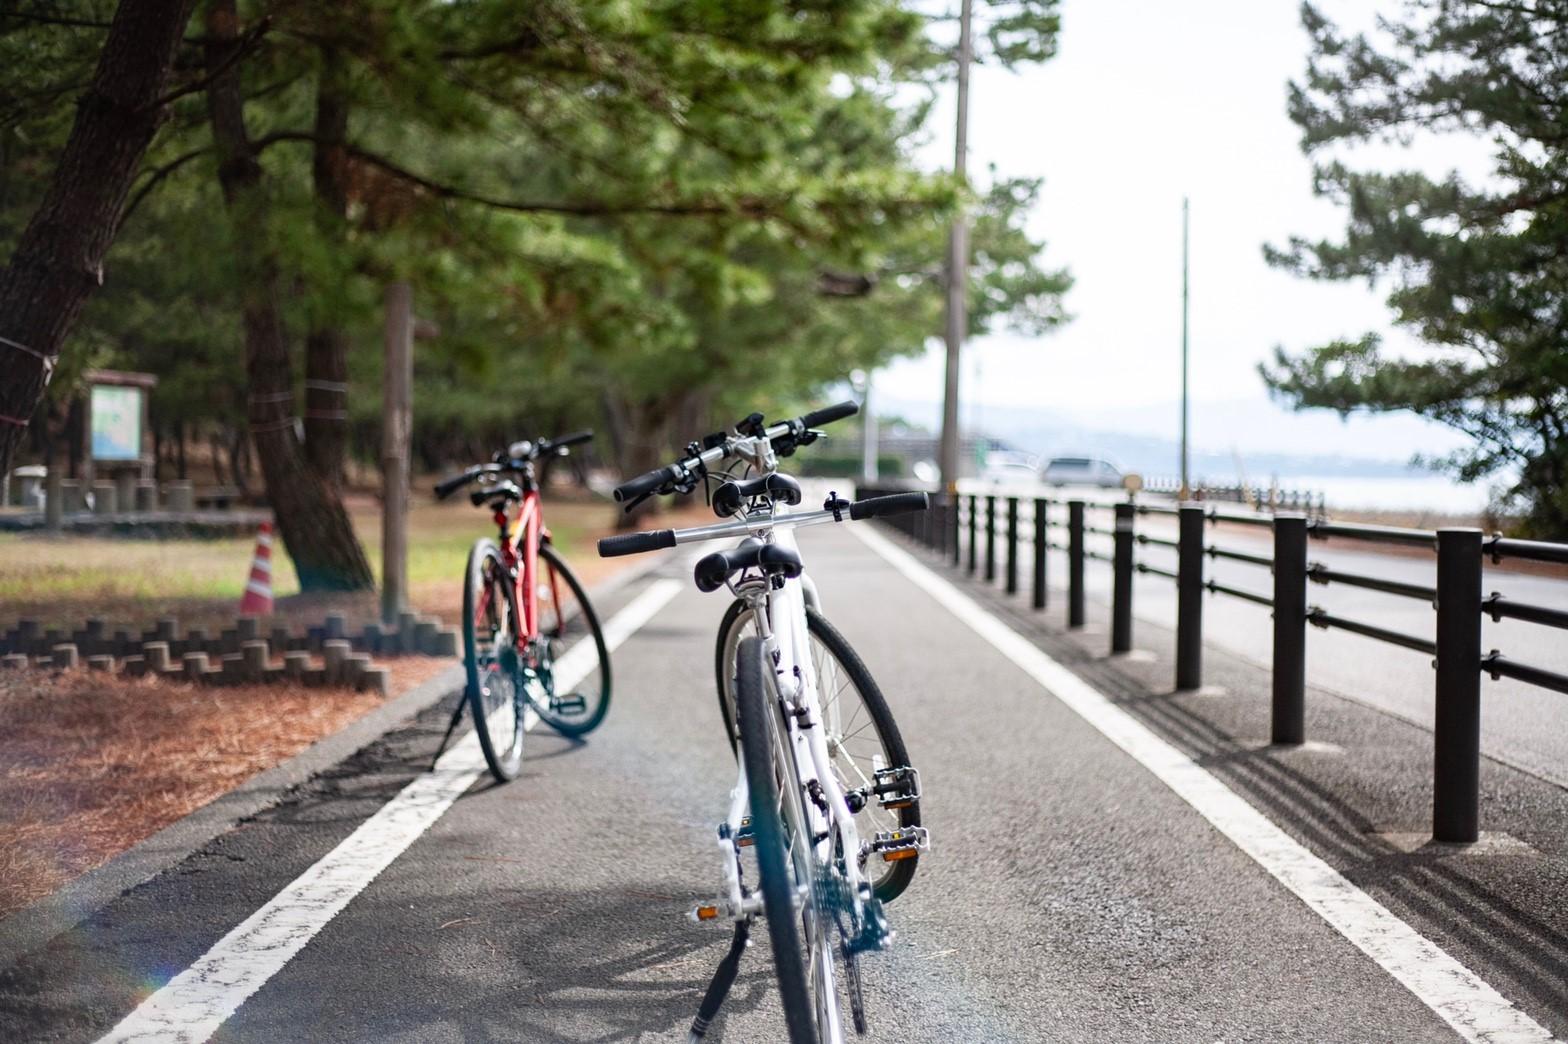 新時代の幕開け!タンデム自転車で爽快に駆け抜けろ!「香南市サイクリングロード」